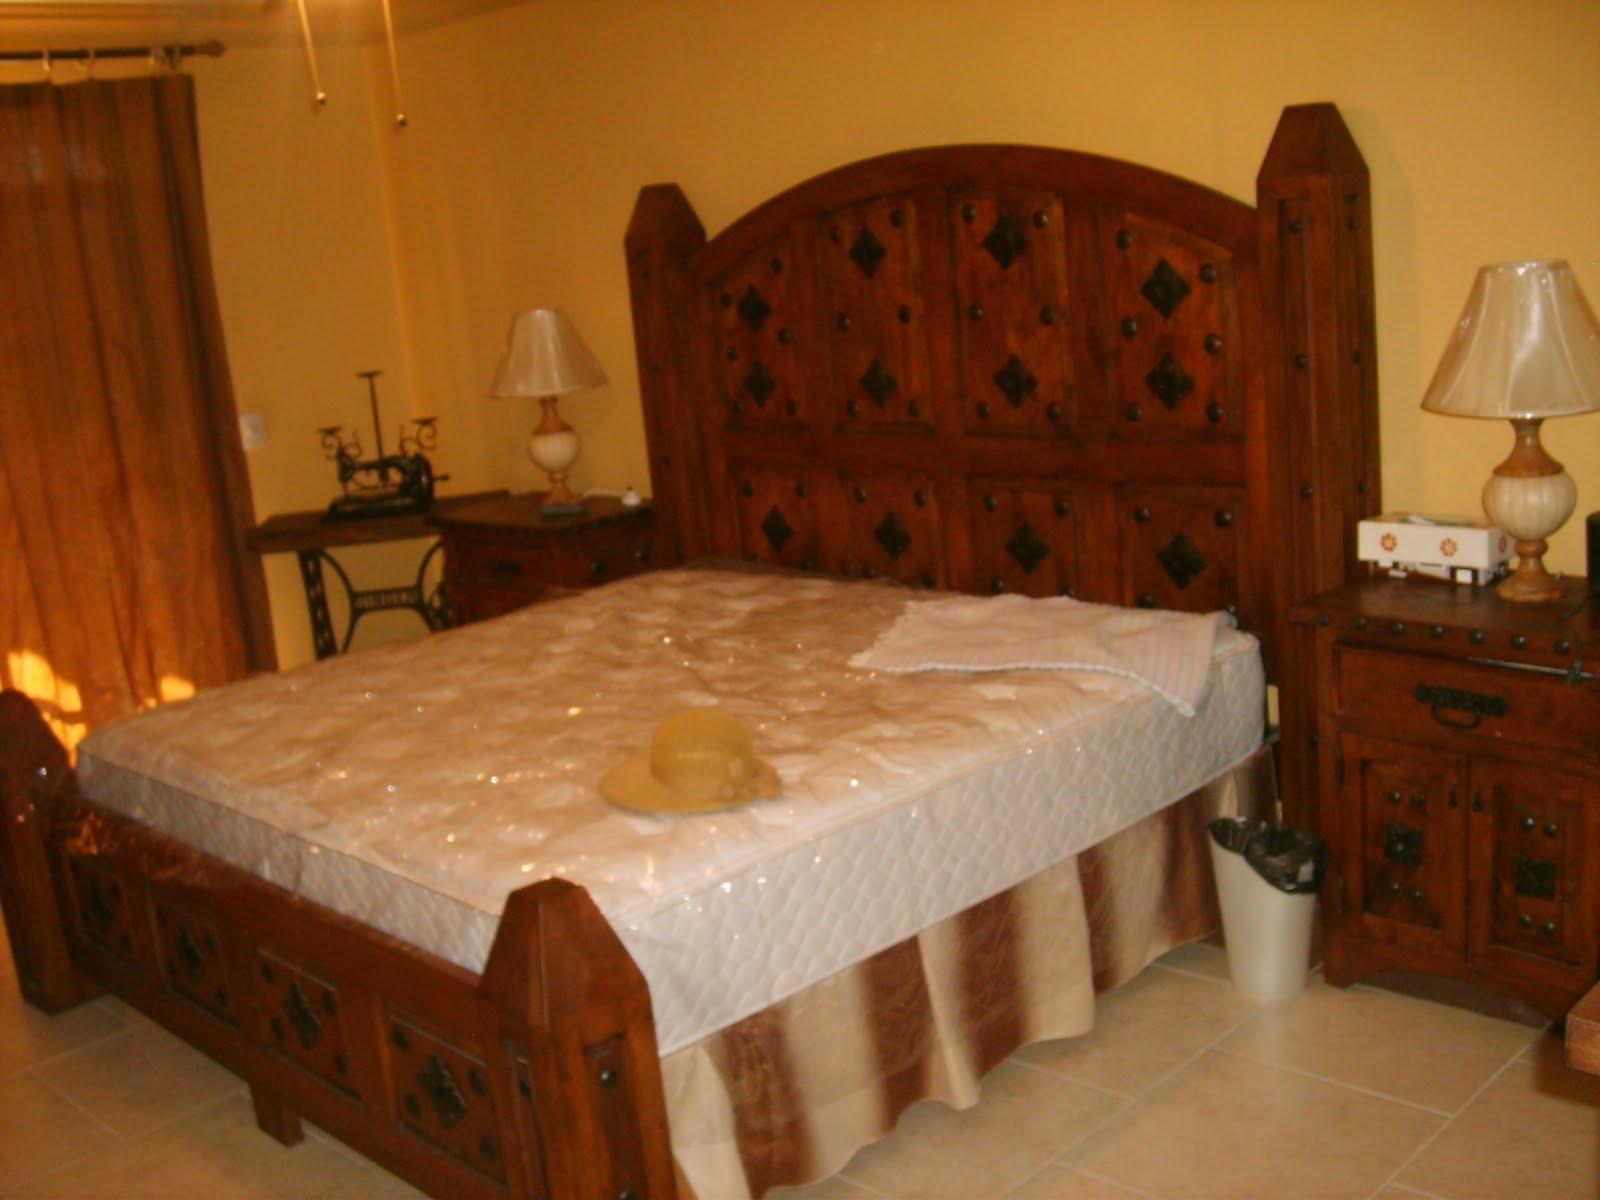 Muebles rusticos mezquitewarehause for Fotos muebles rusticos